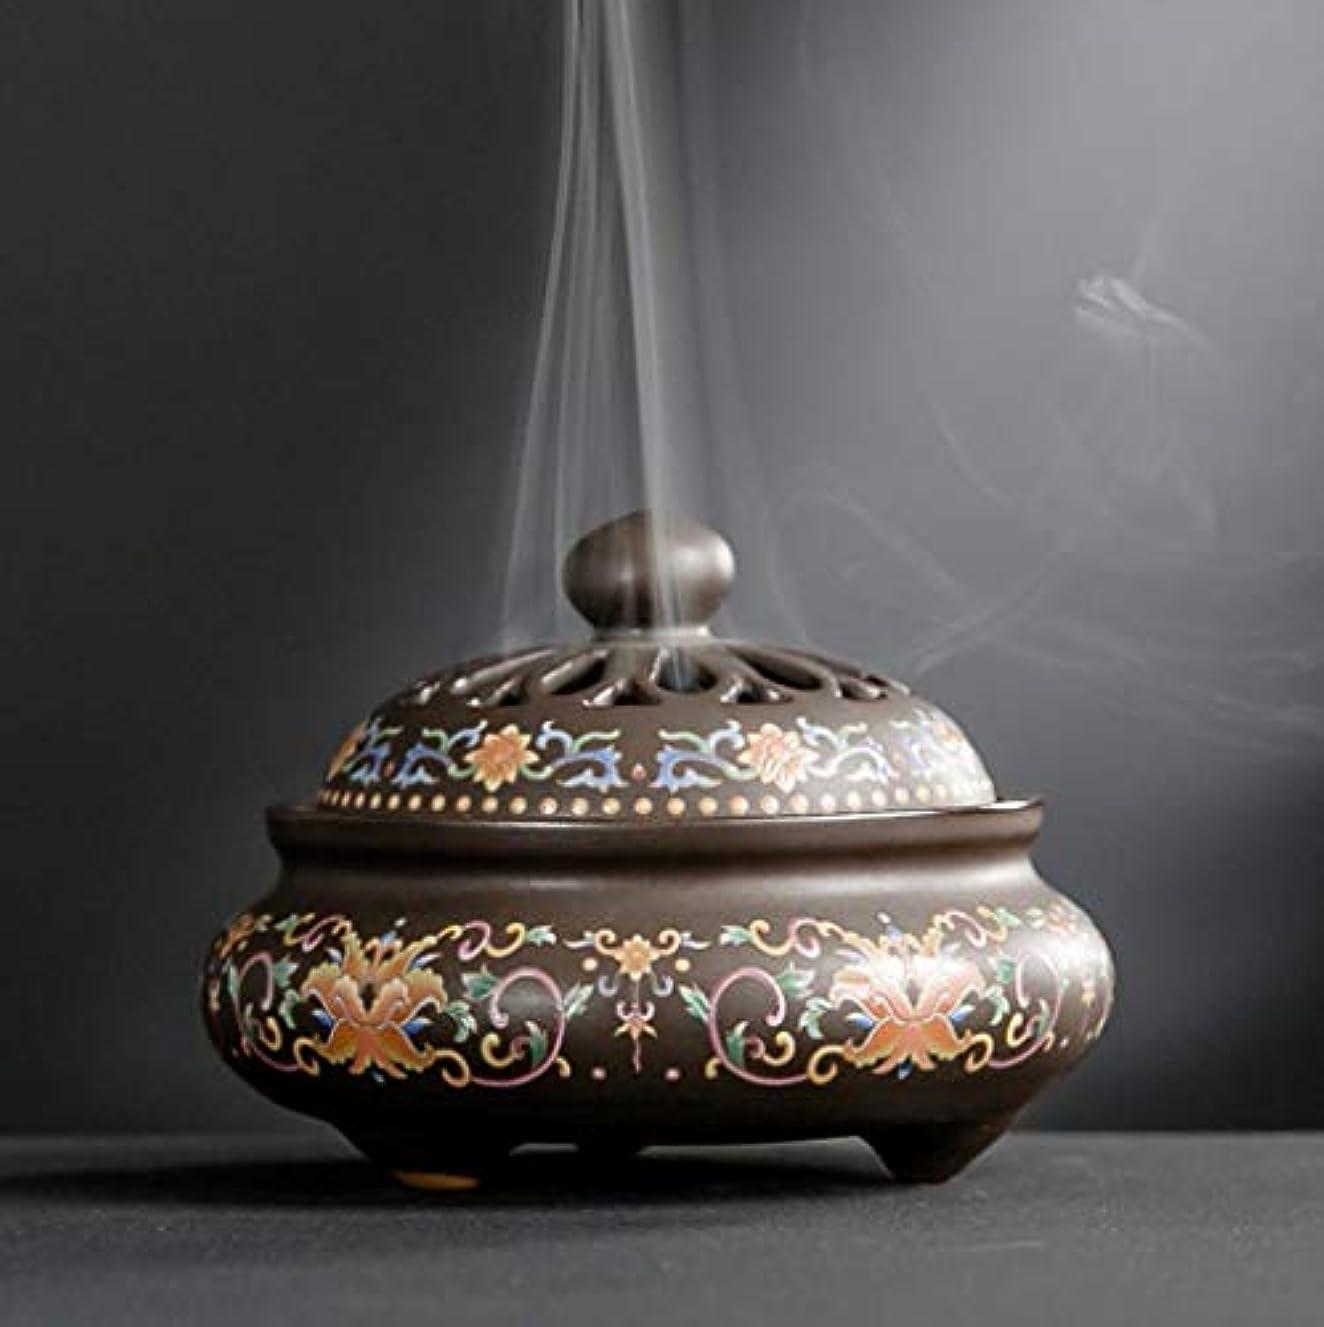 ホールインゲン欠伸YONIK 香炉 渦巻き線香ホルダー 蚊取り線香ホルダー 線香入れ 磁器 香皿 蓋付き 香立て付き 和風